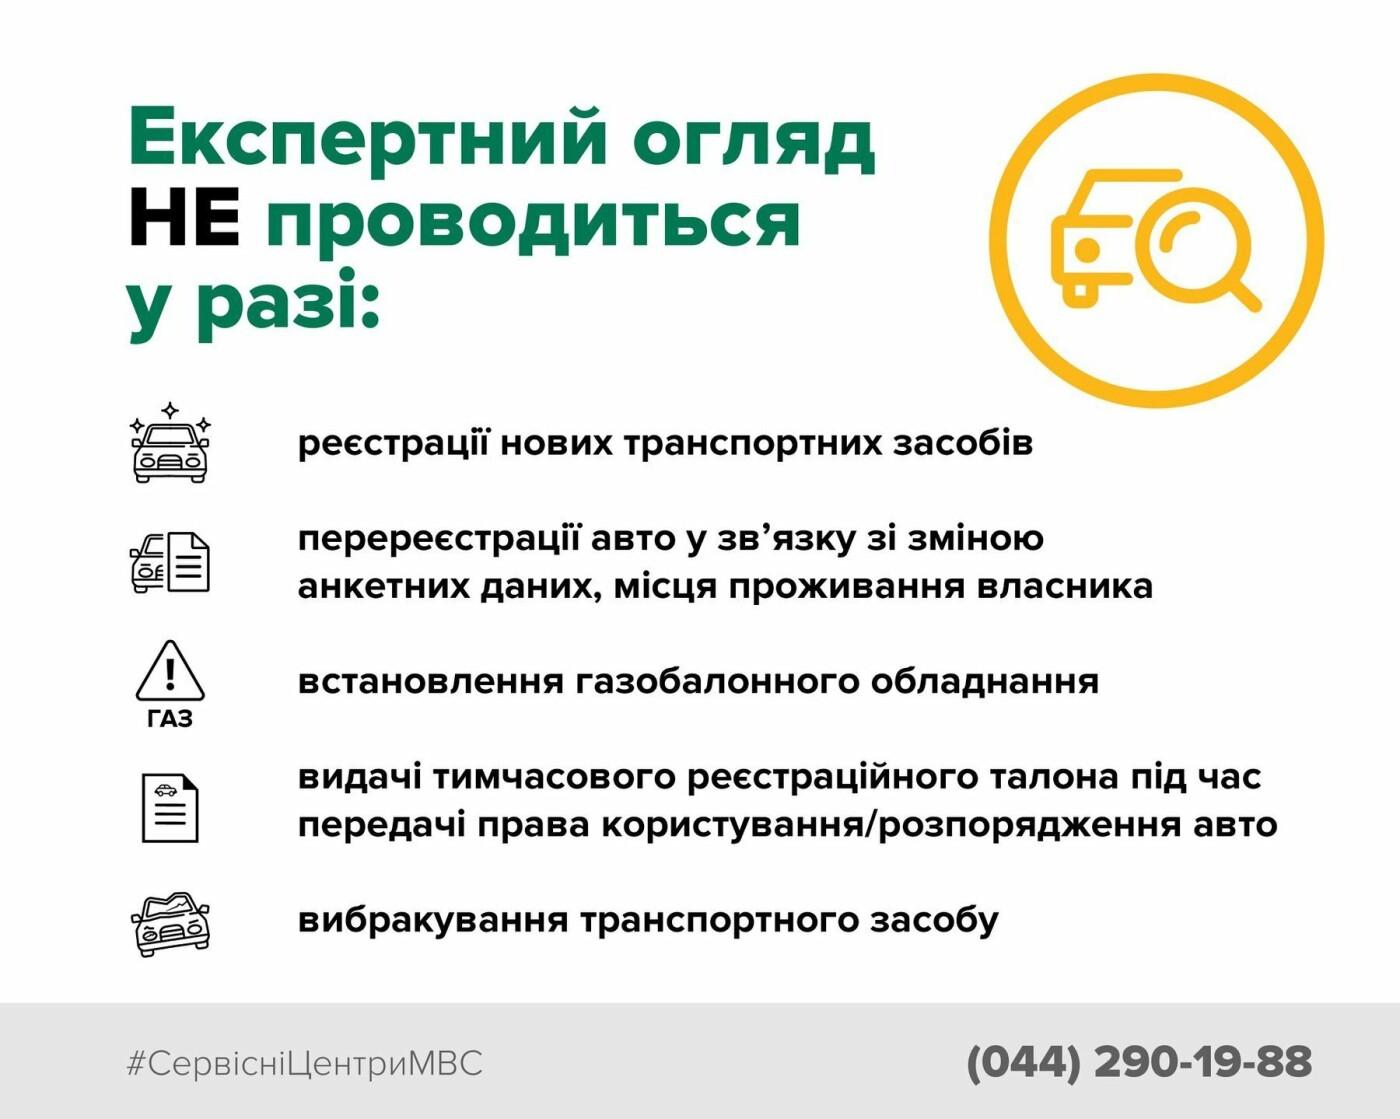 Информация для водителей Сум: в проведении регистрационных операций произошли изменения , фото-1